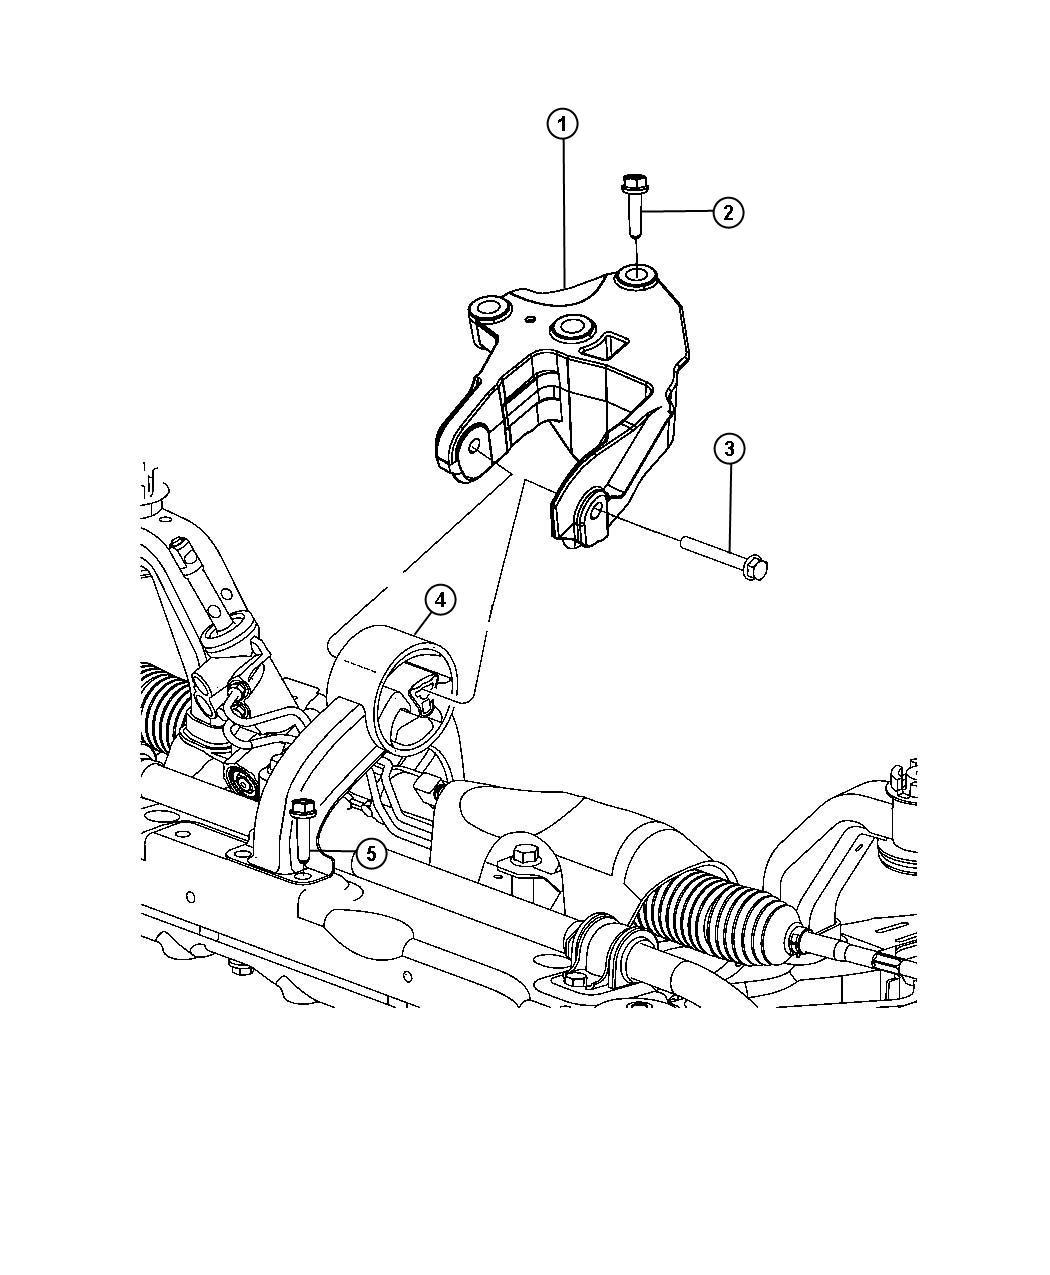 Dodge Journey Engine Mounting Rear Fwd 3 6l 3 6l V6